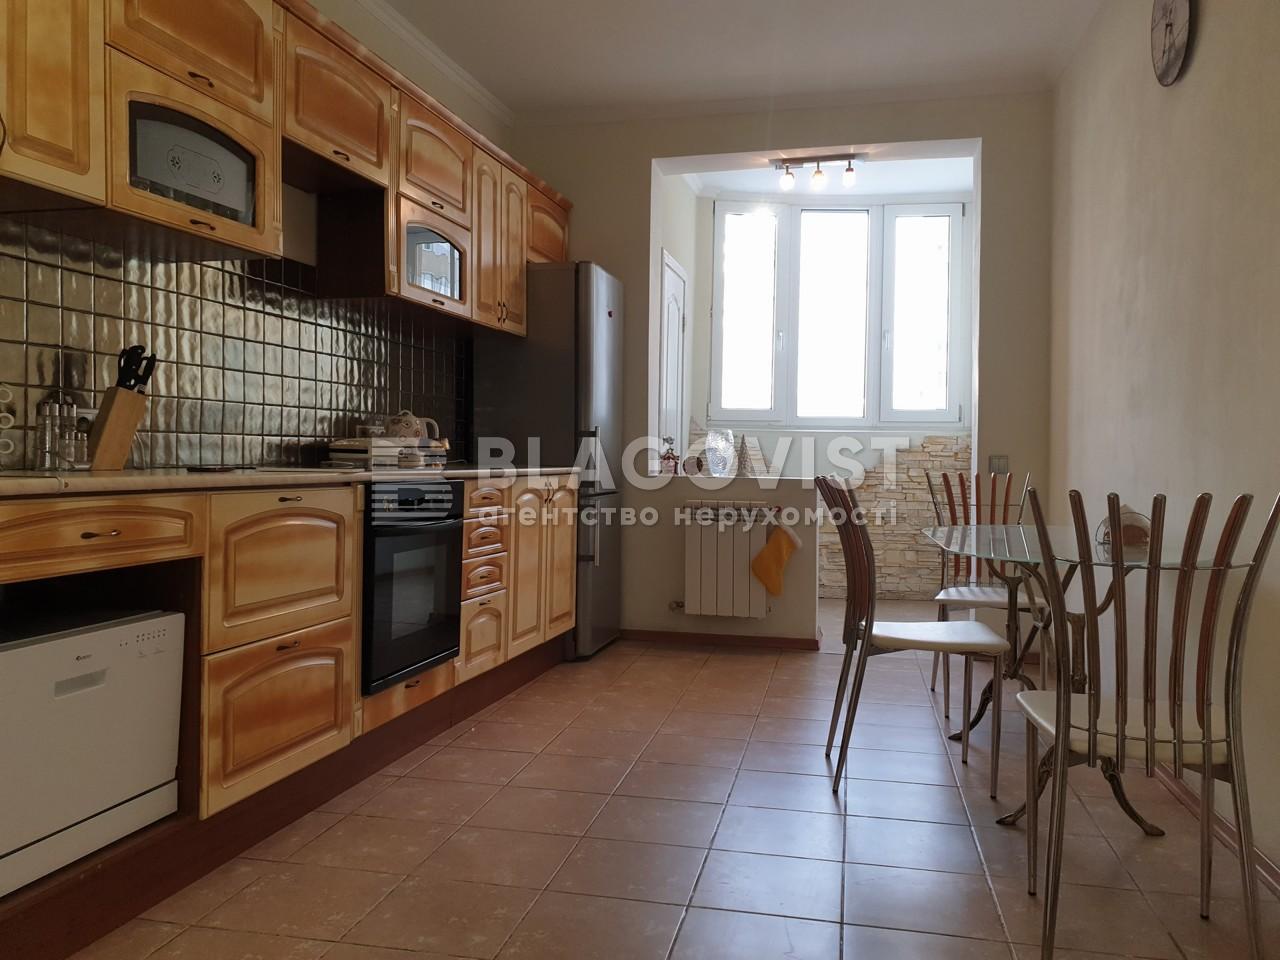 Квартира H-49249, Дніпровська наб., 25, Київ - Фото 19